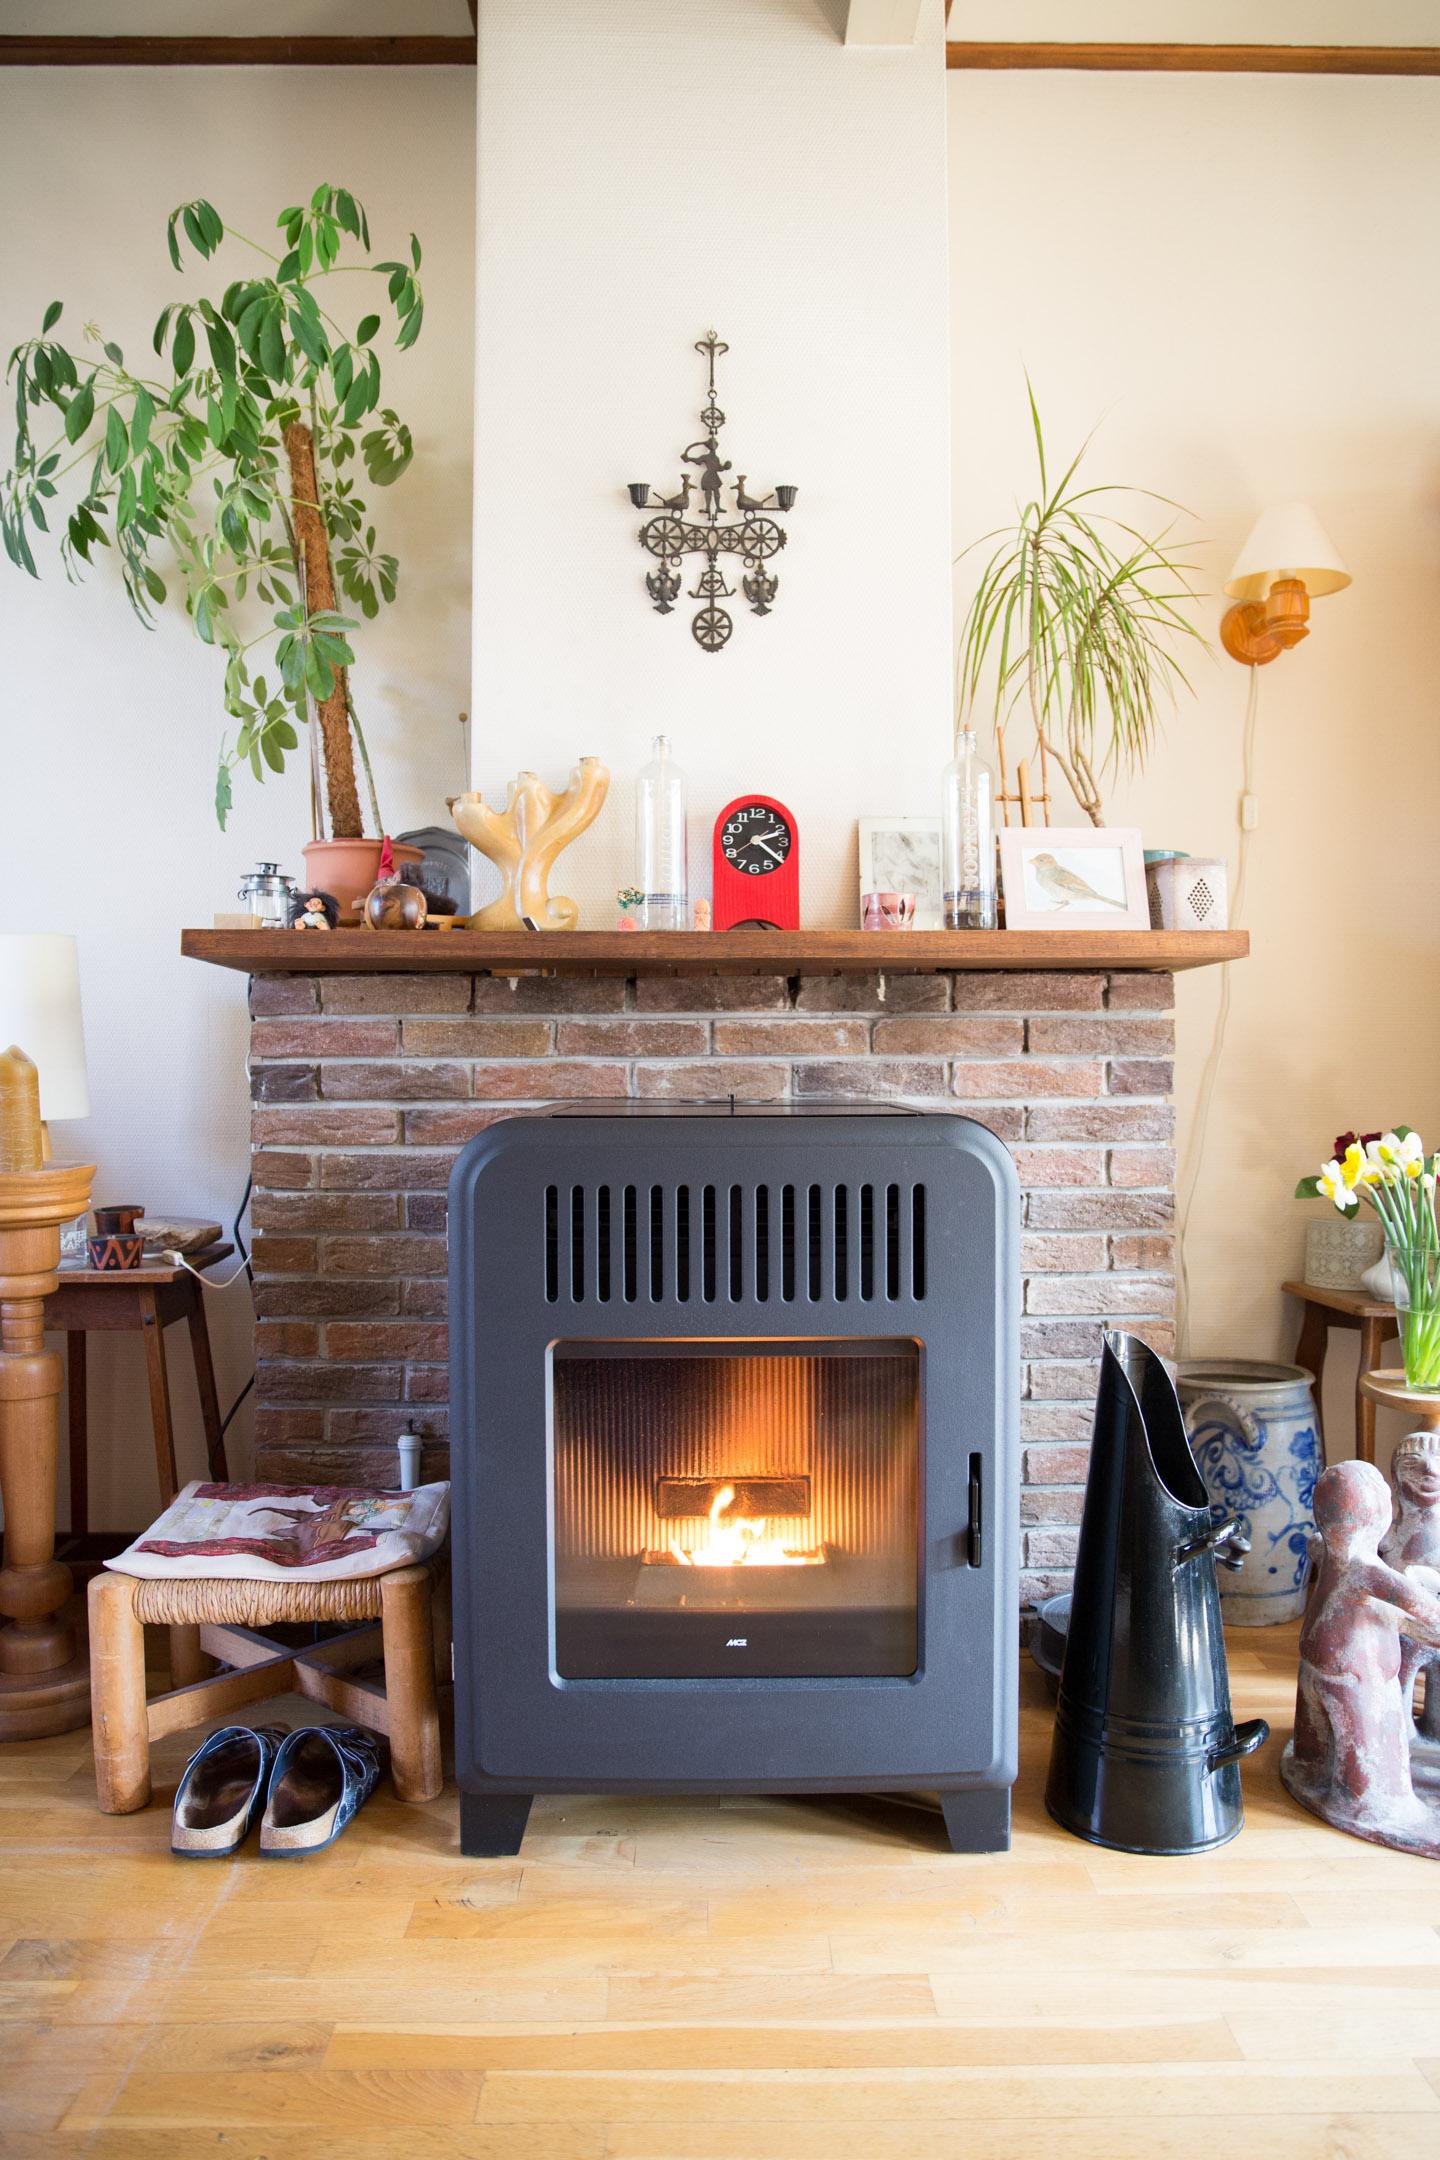 Energieneutraal-huis-woonwijk-wonen-thuisbaas-credit-Chantal-Bekker-GraphicAlert-46-pelletkachel